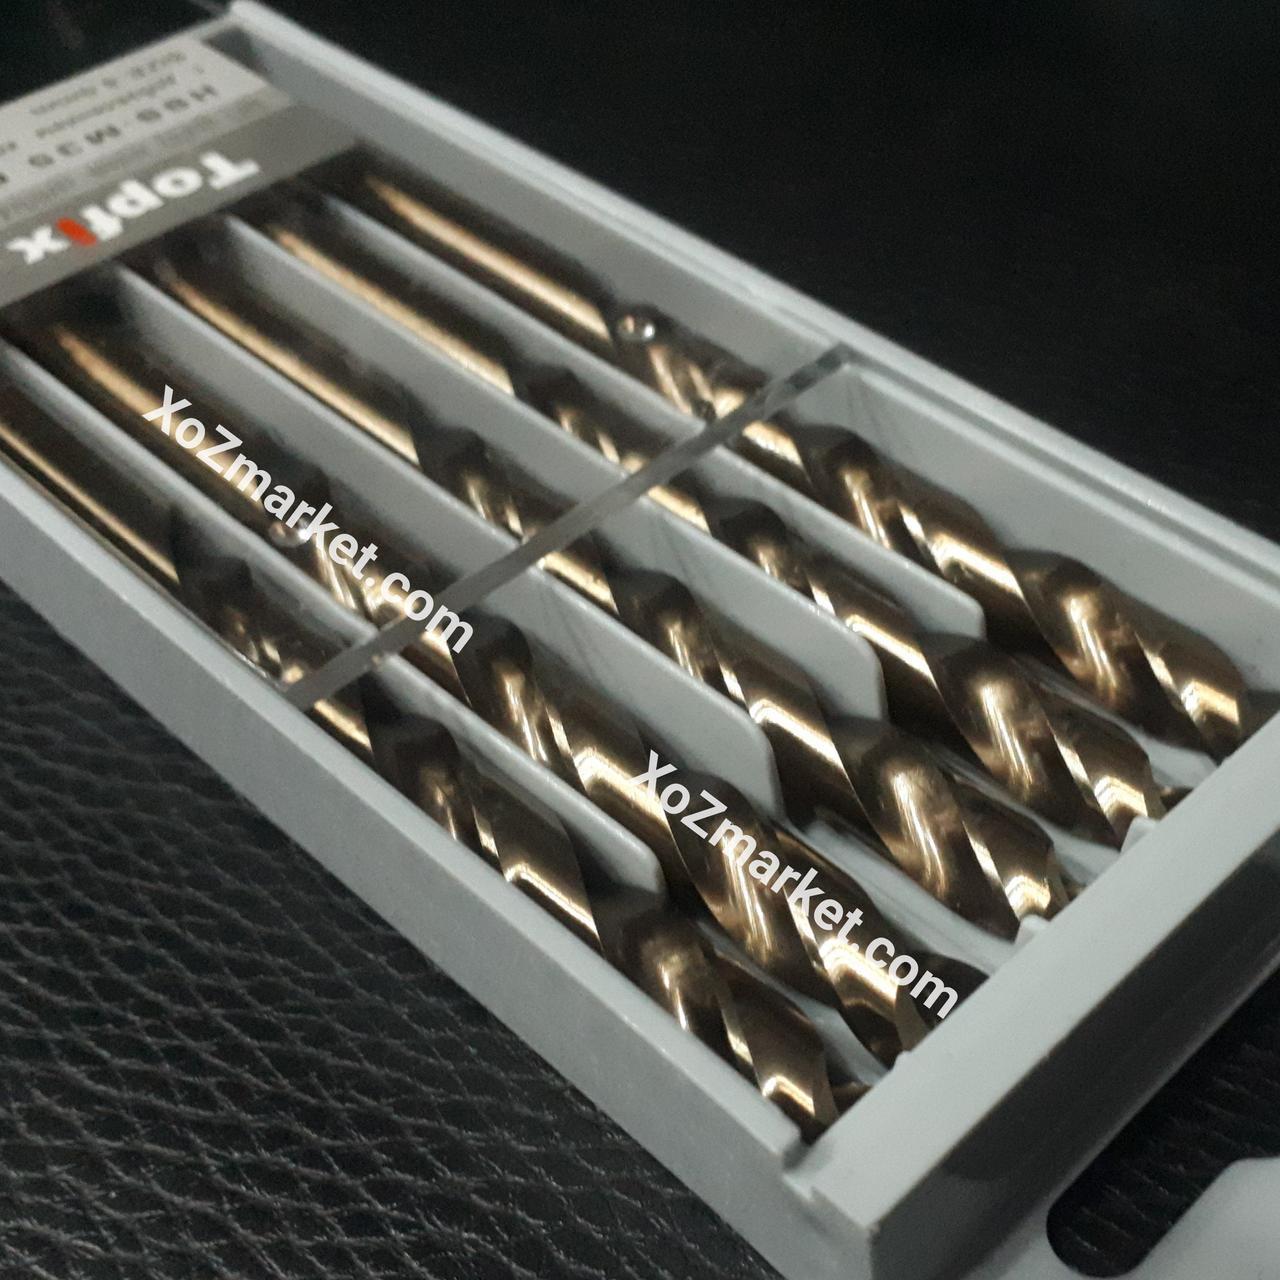 Сверло кобальтовое по металлу Со 5% (Свердло кобальтове) 1 мм